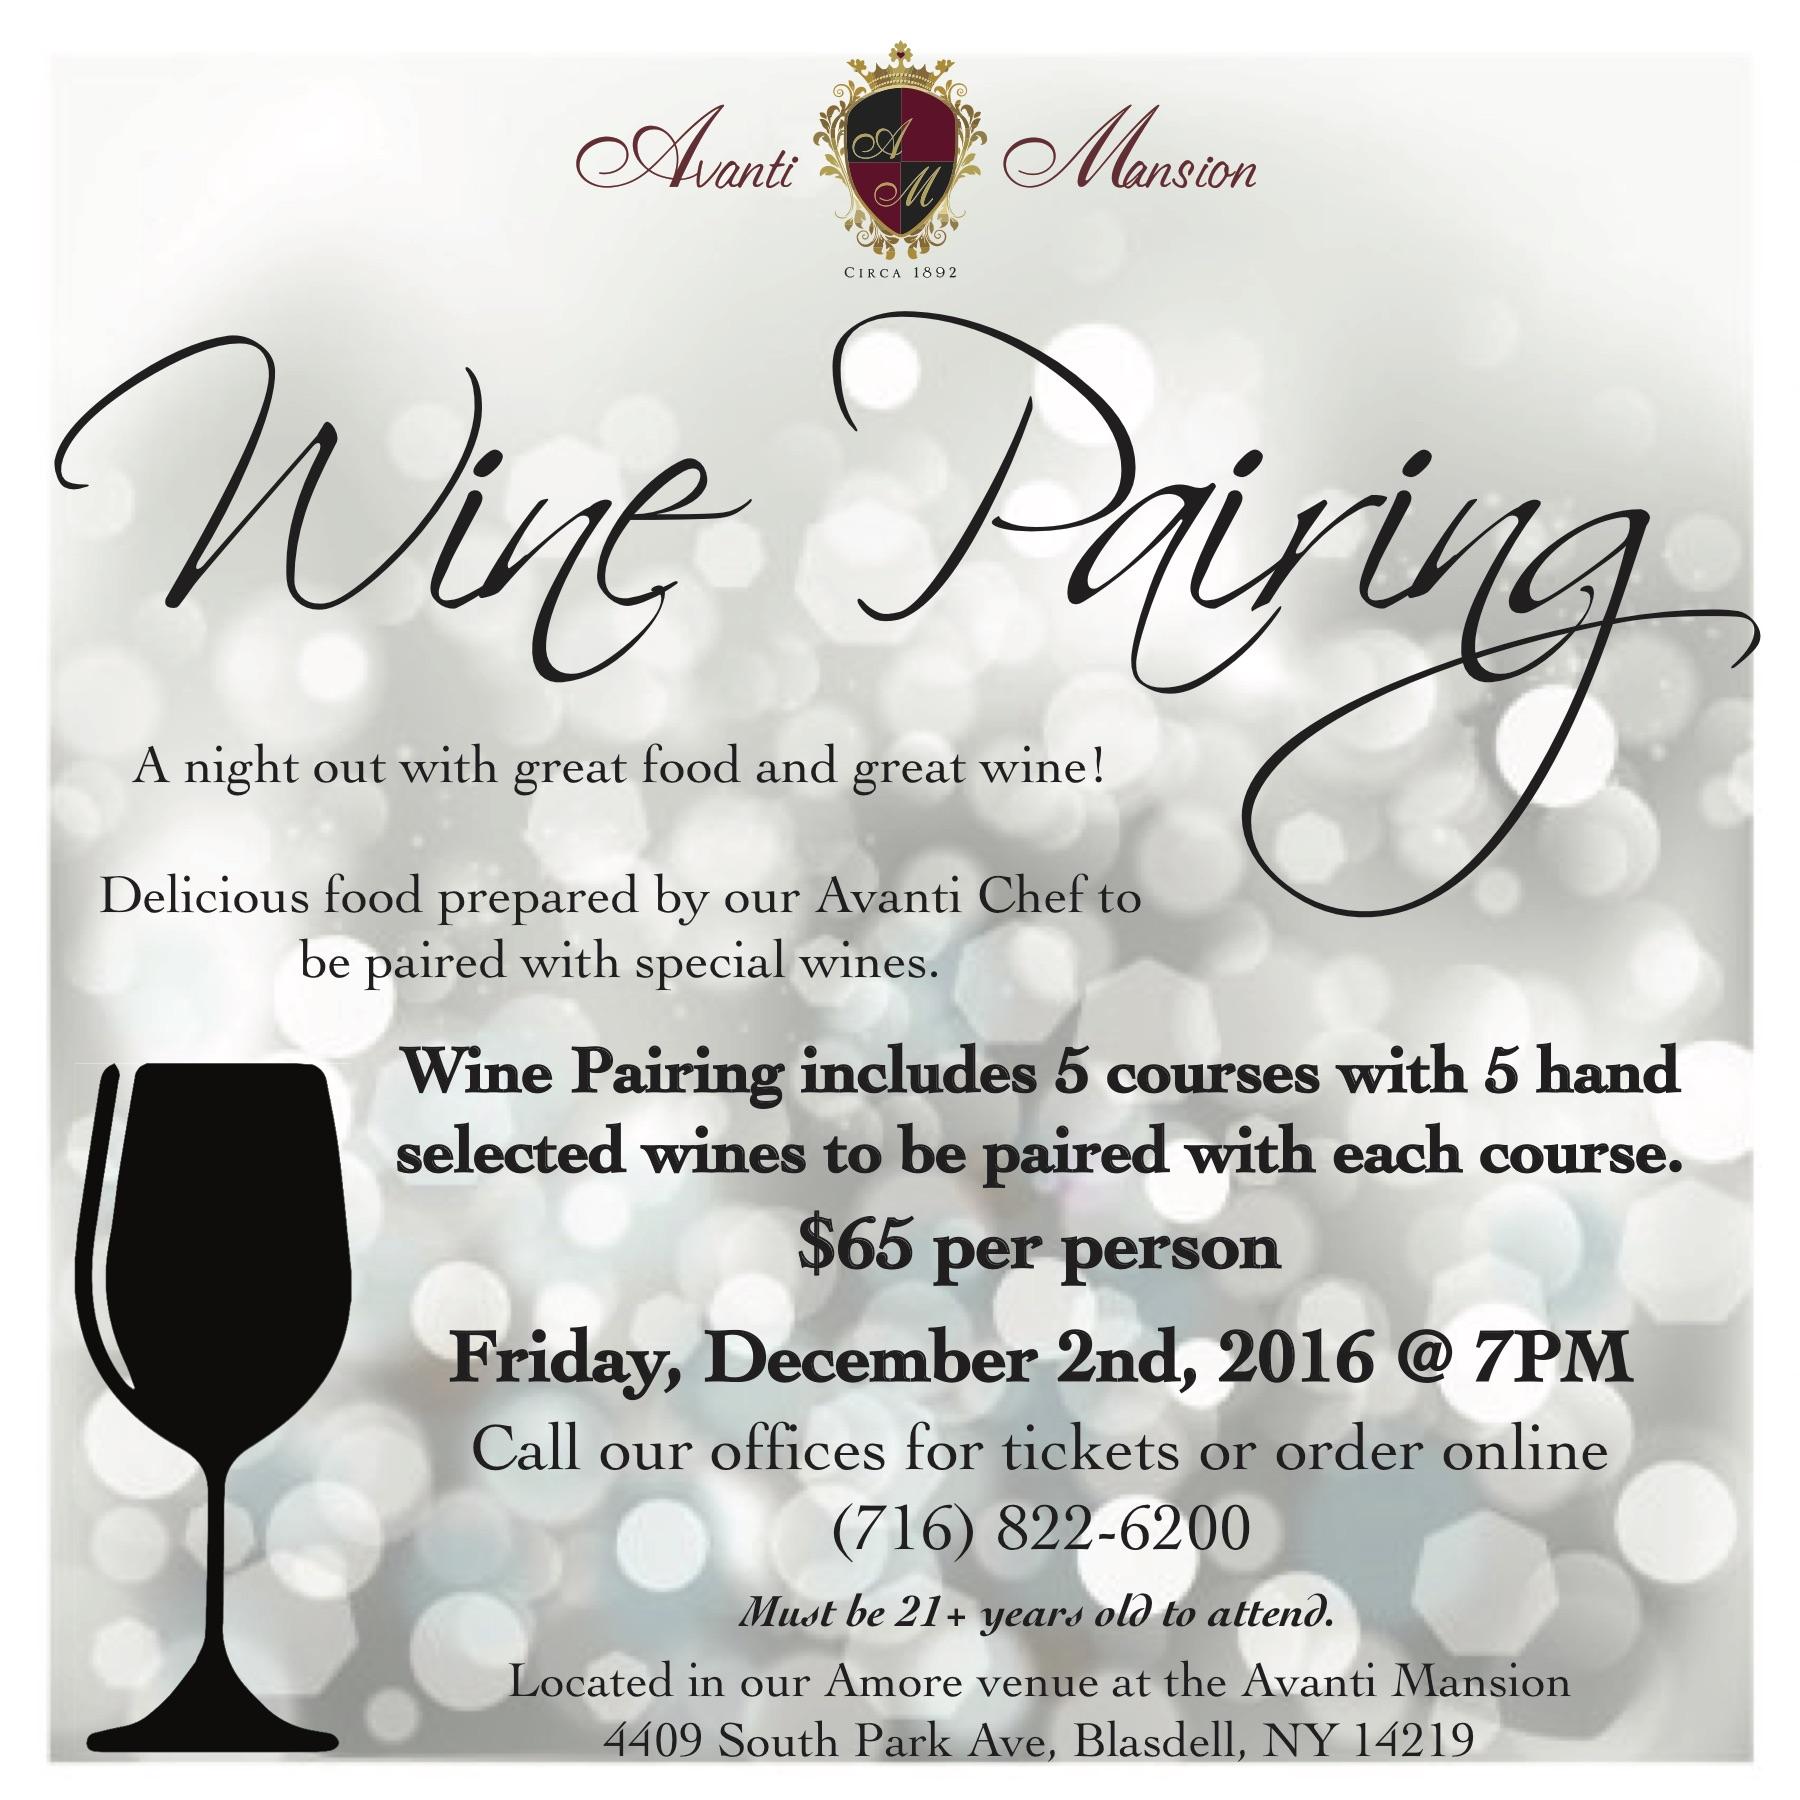 Avanti Mansion Wine Pairing Event